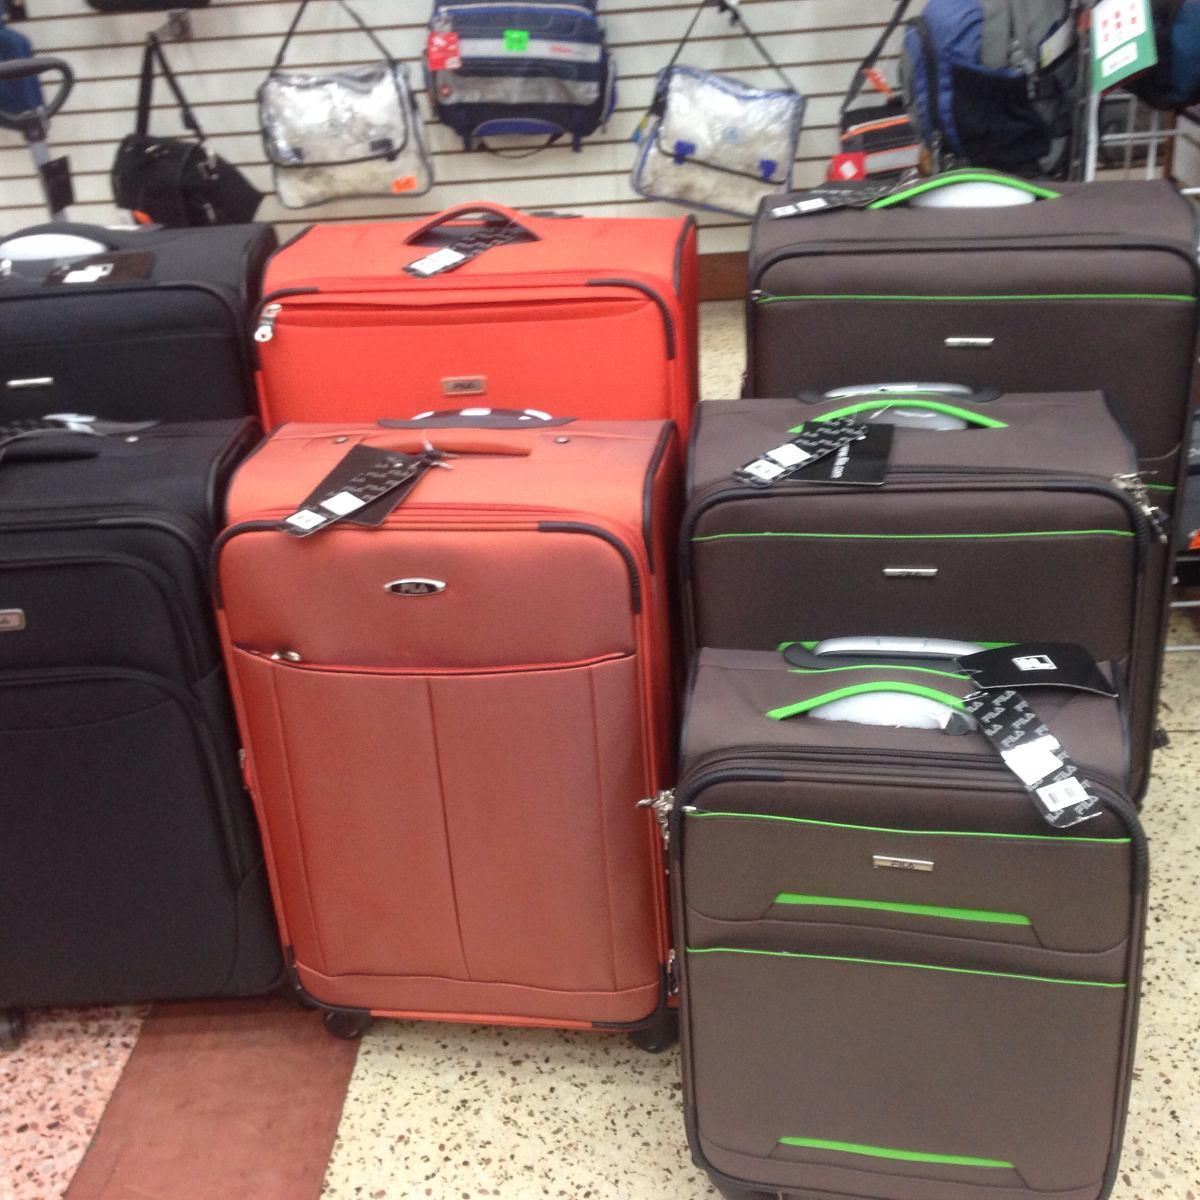 9814ec4d828 maleta grande fila original 4 ruedas giratorias. Cargando zoom.